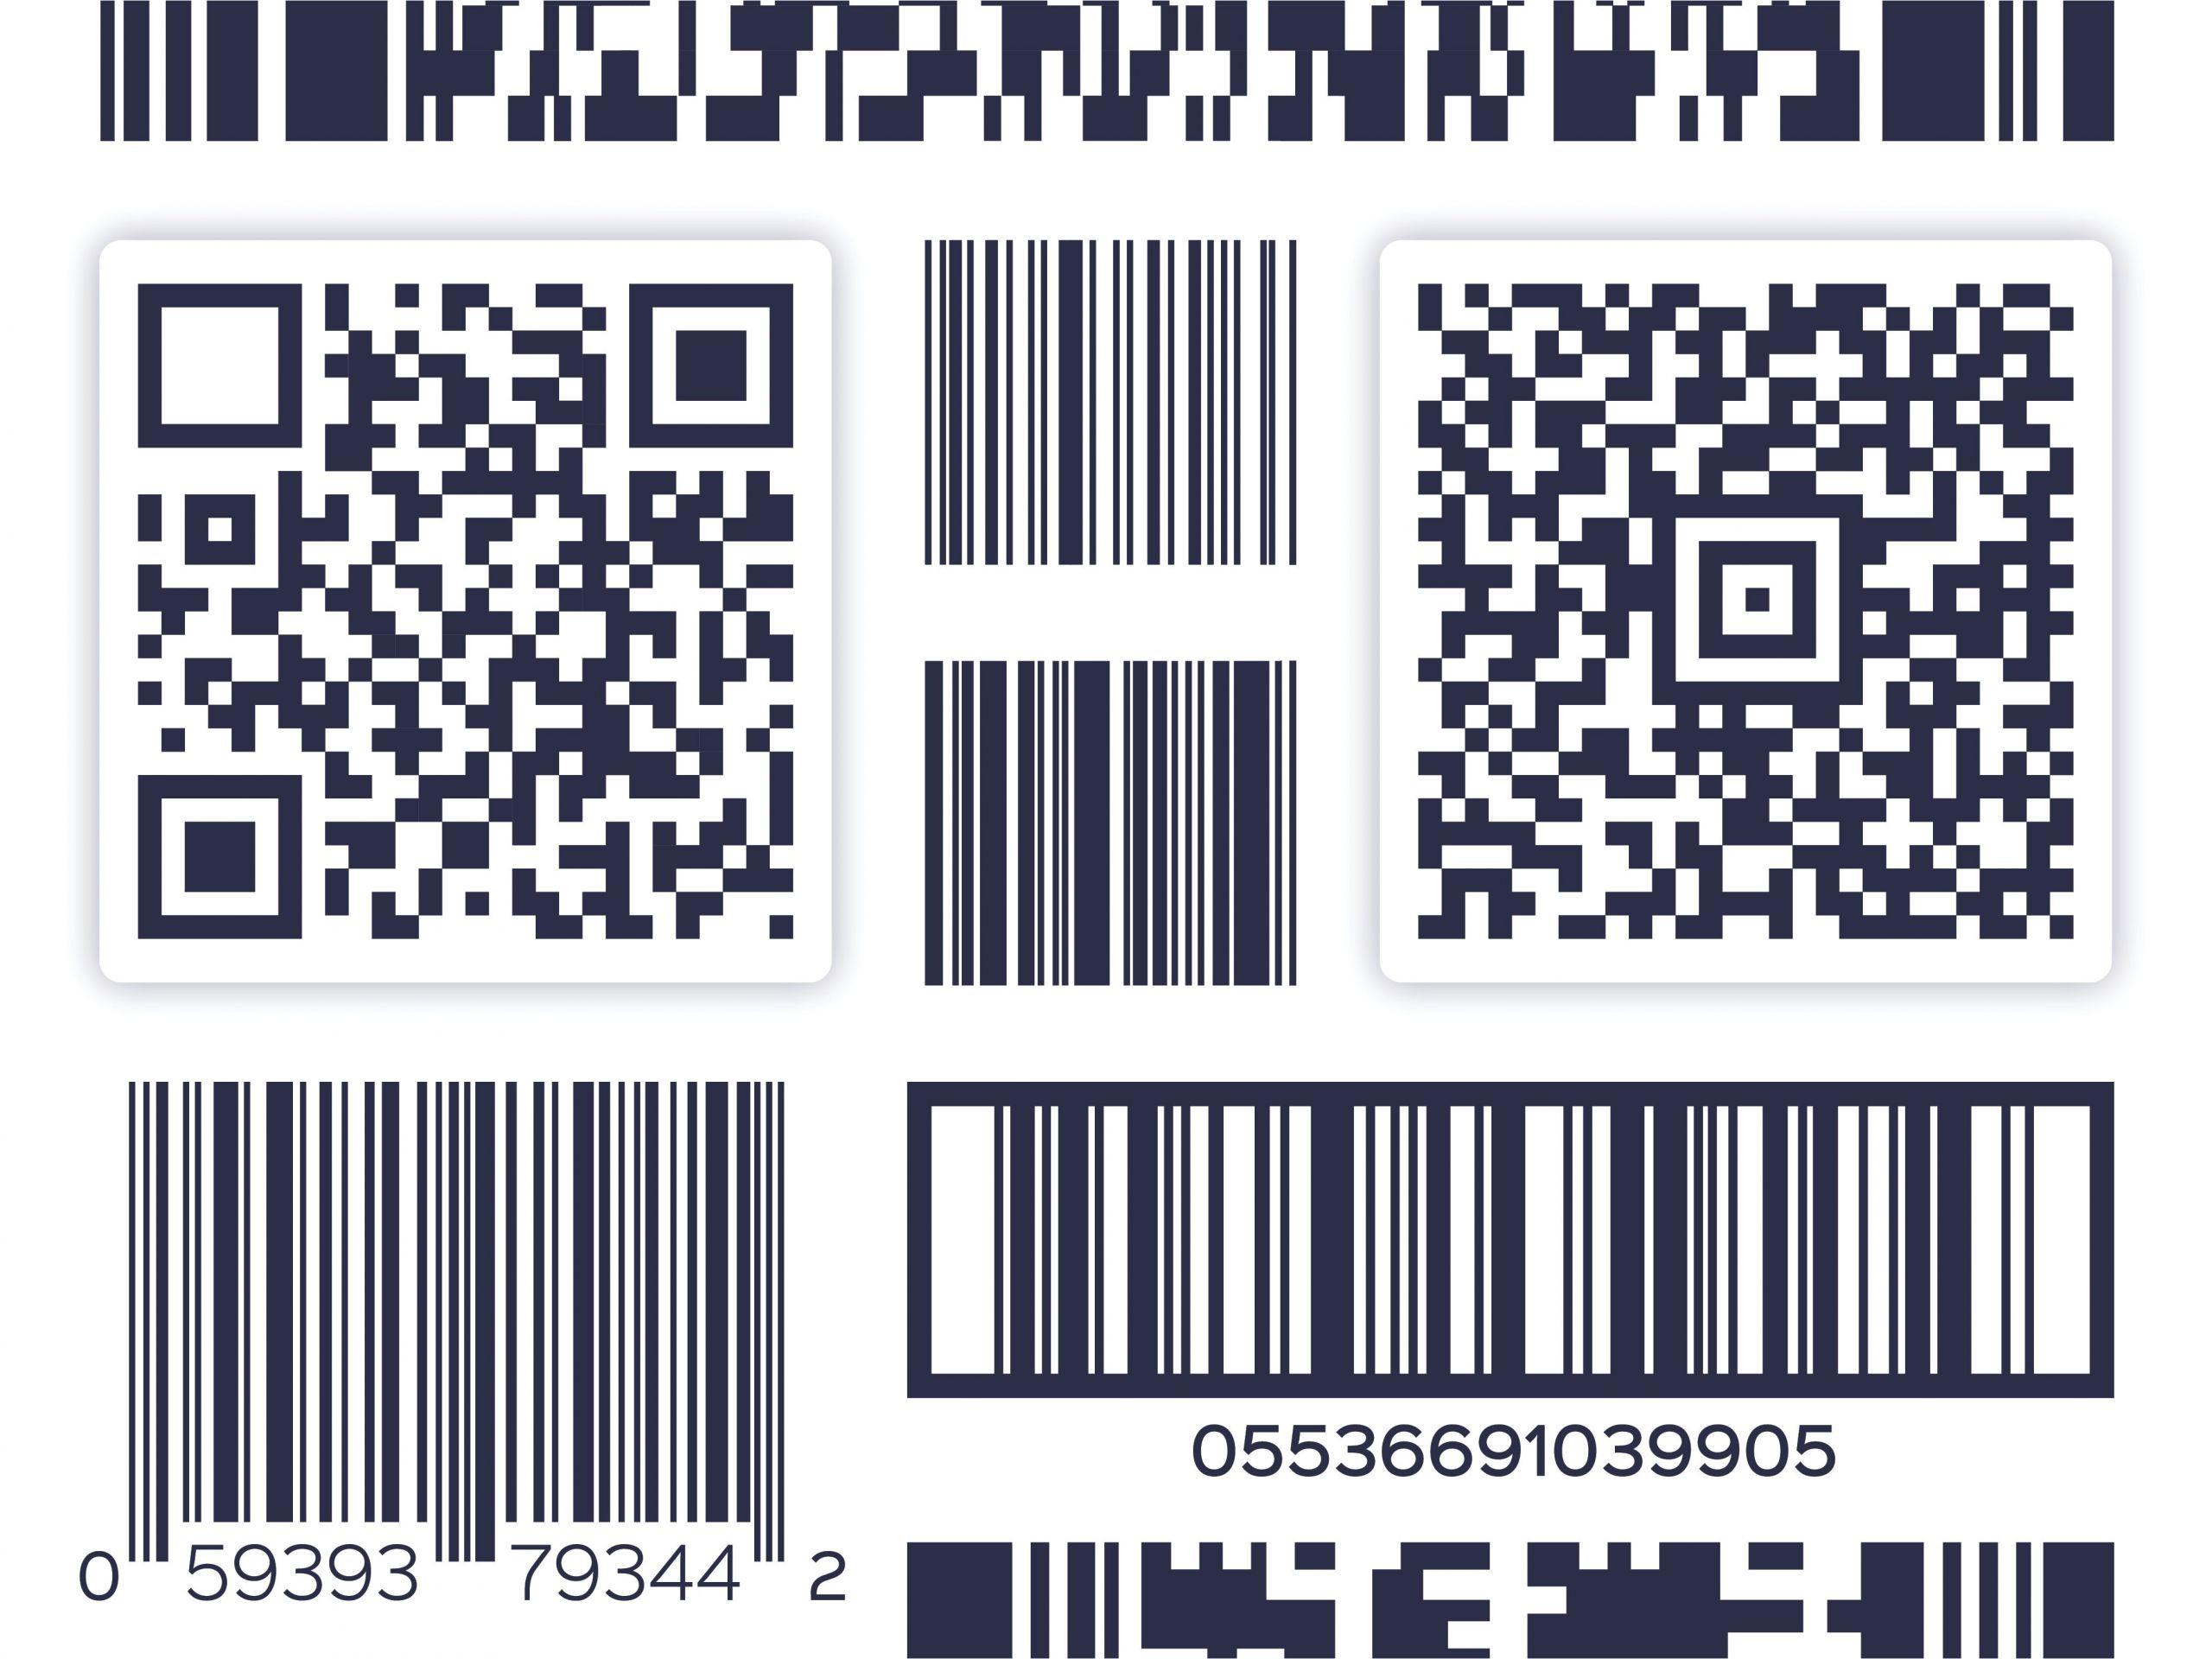 bar codes 657851146 5b38da76c9e77c001a17afbc jpg